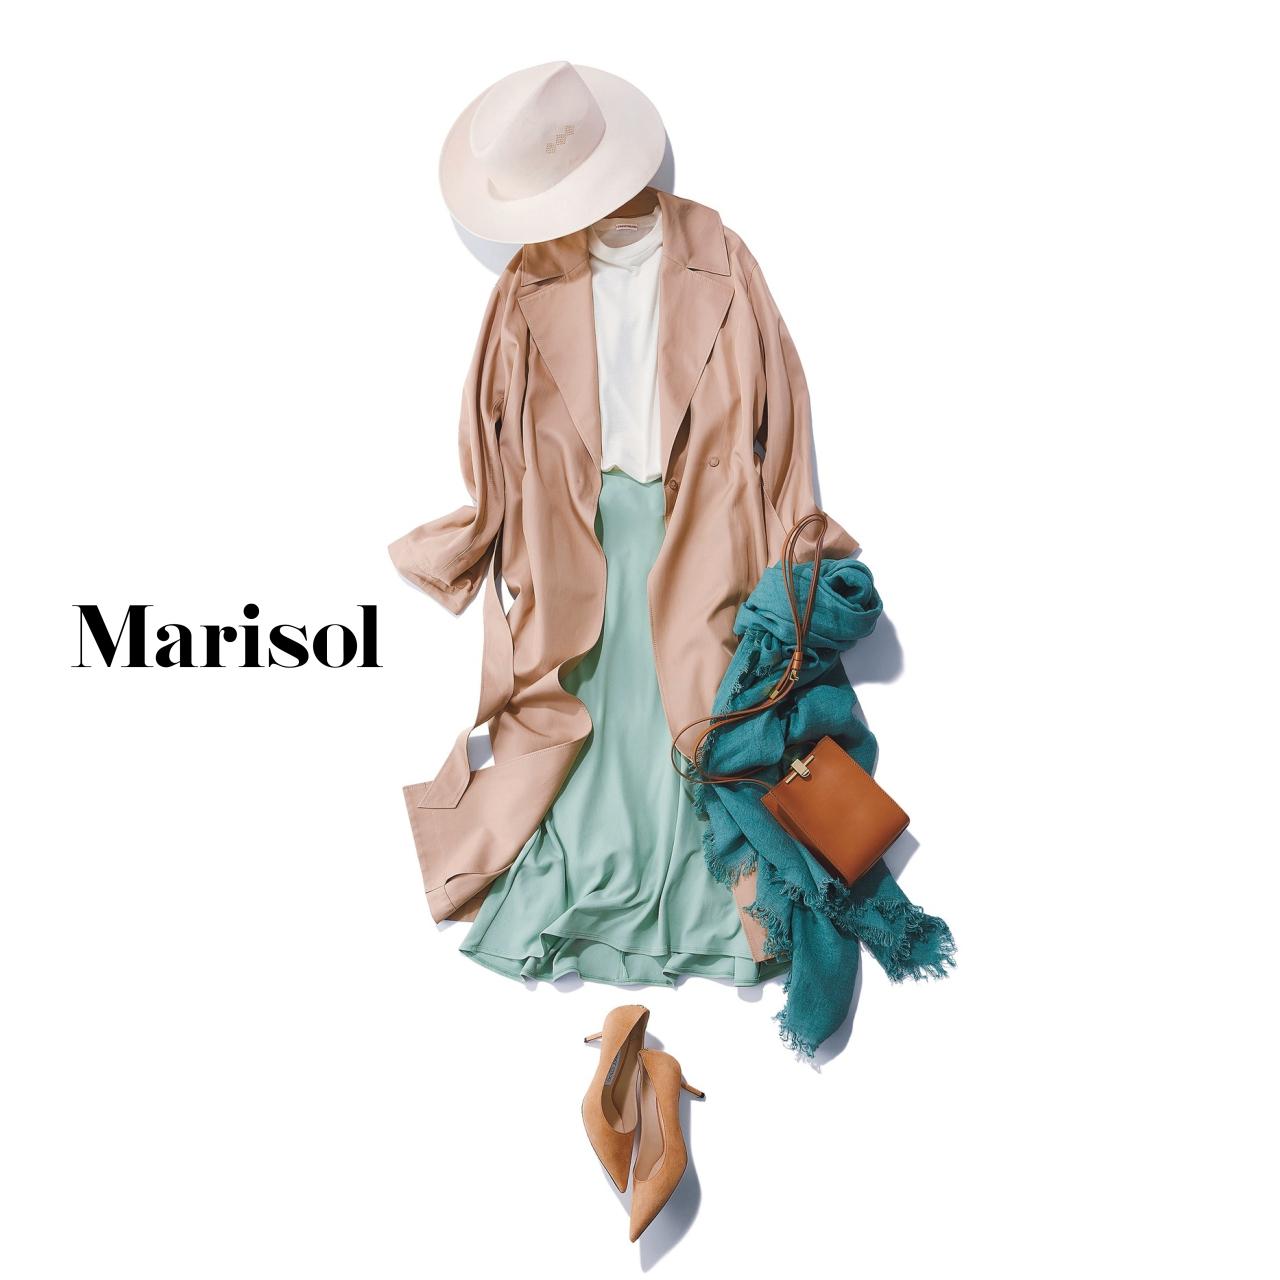 40代ファッション ピンクベージュトレンチコート×ミントグリーンスカートコーデ